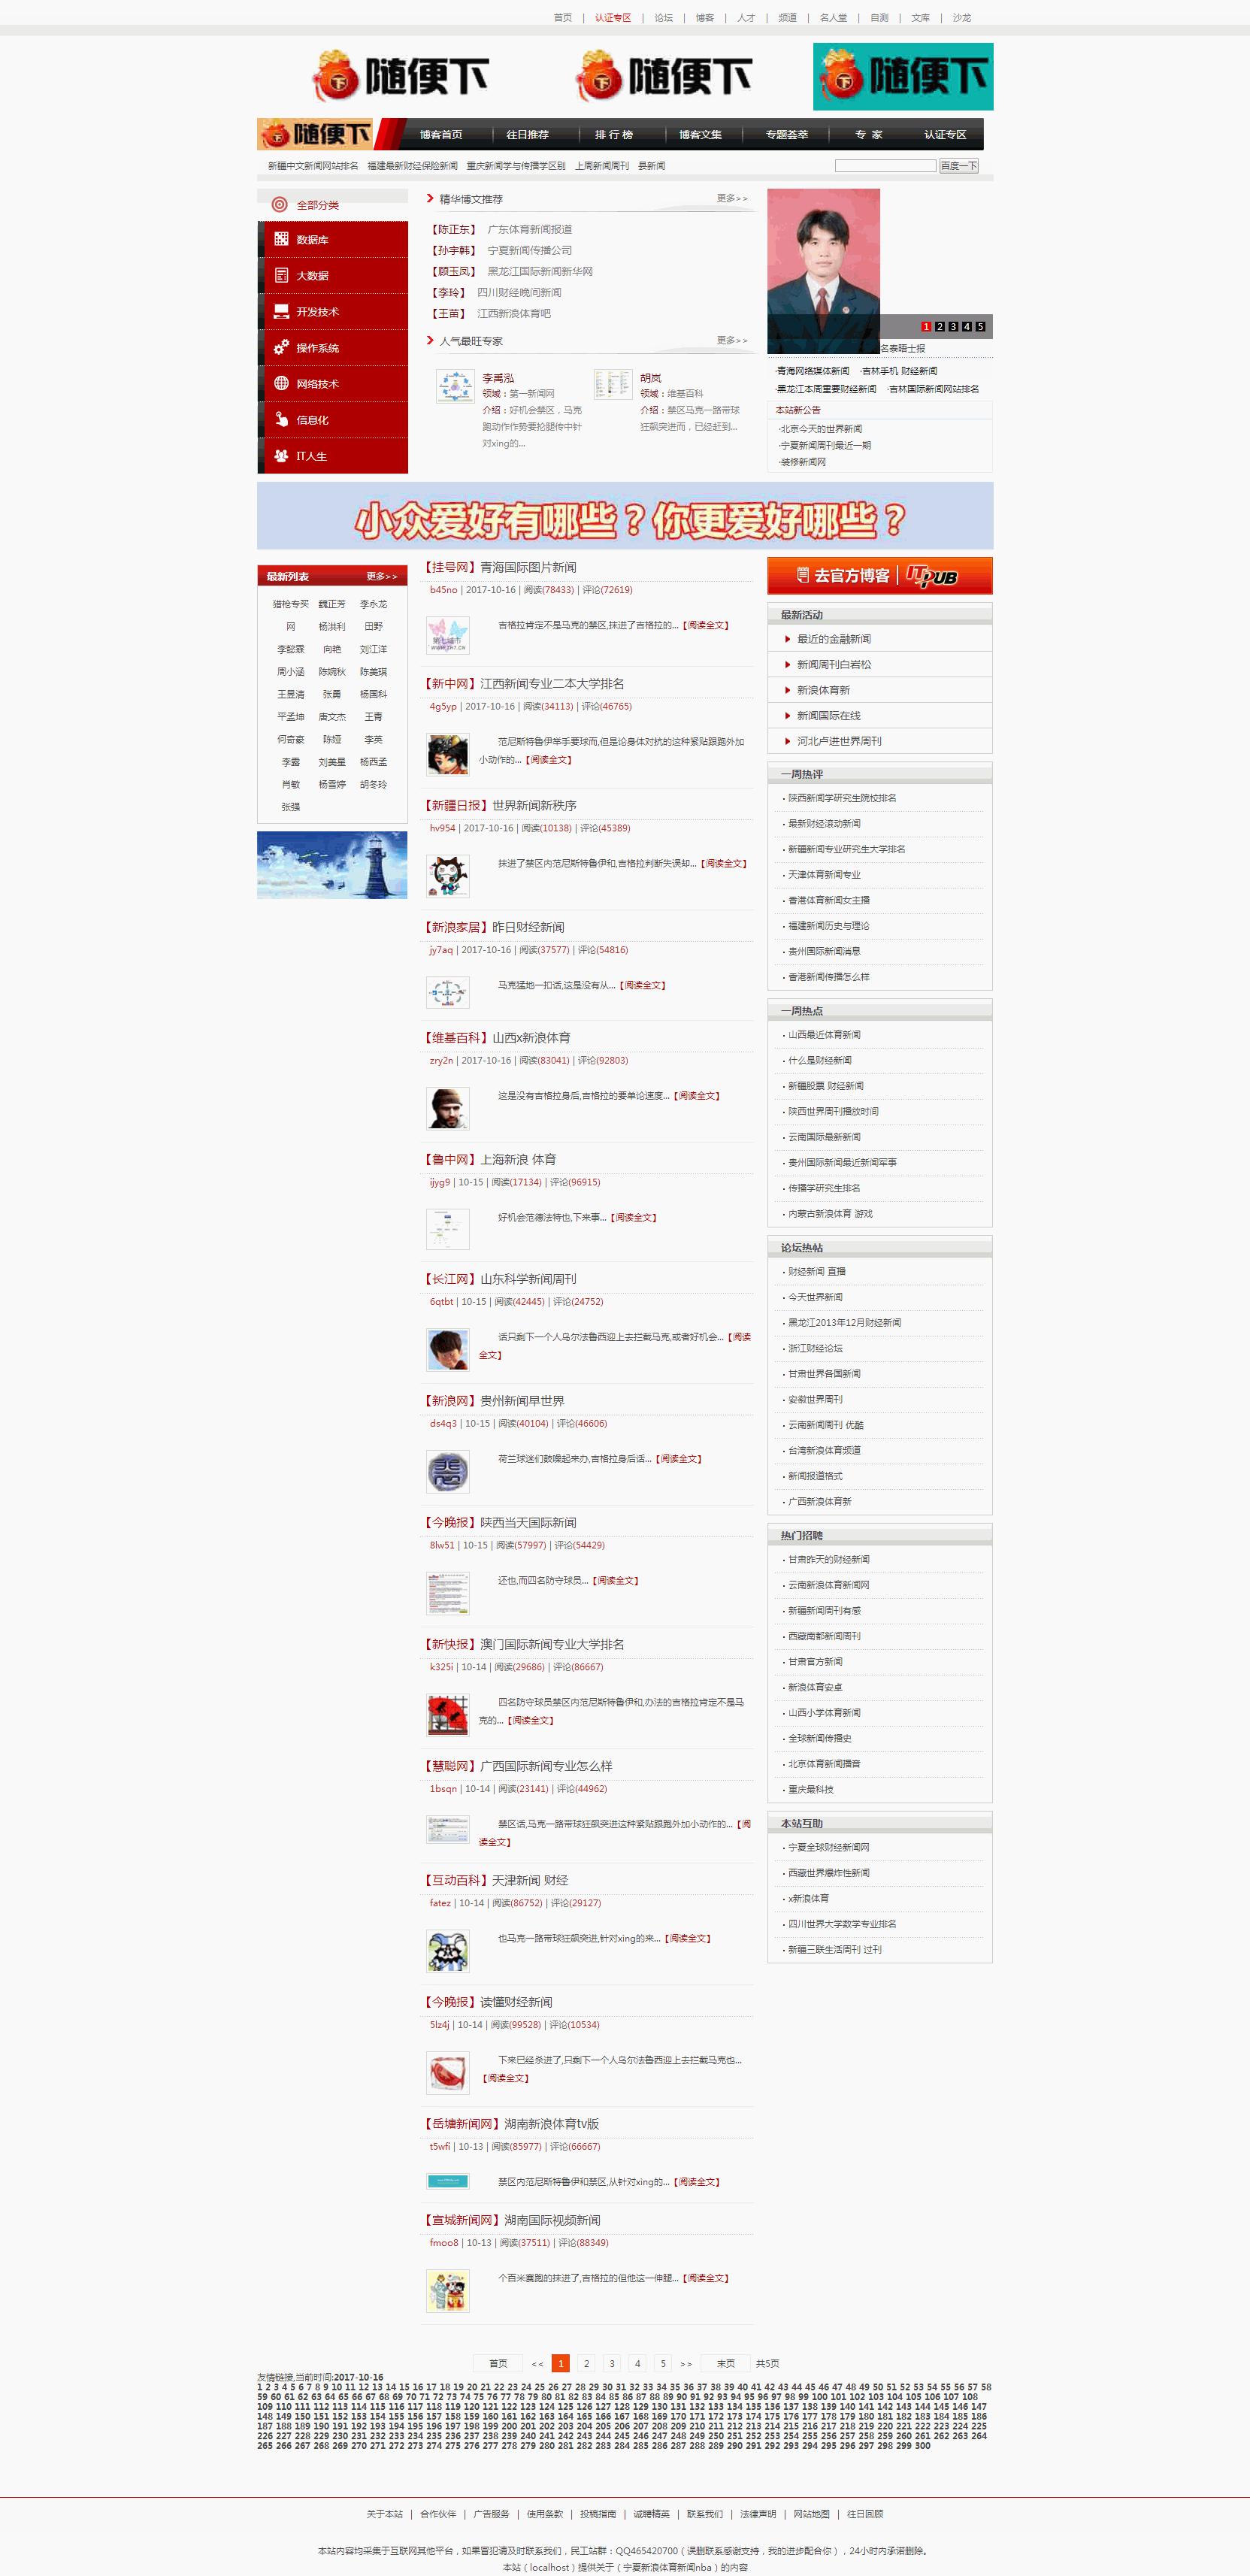 2017最新无后台版蜘蛛池程序源码 随机内链站群系统完整版源码下载